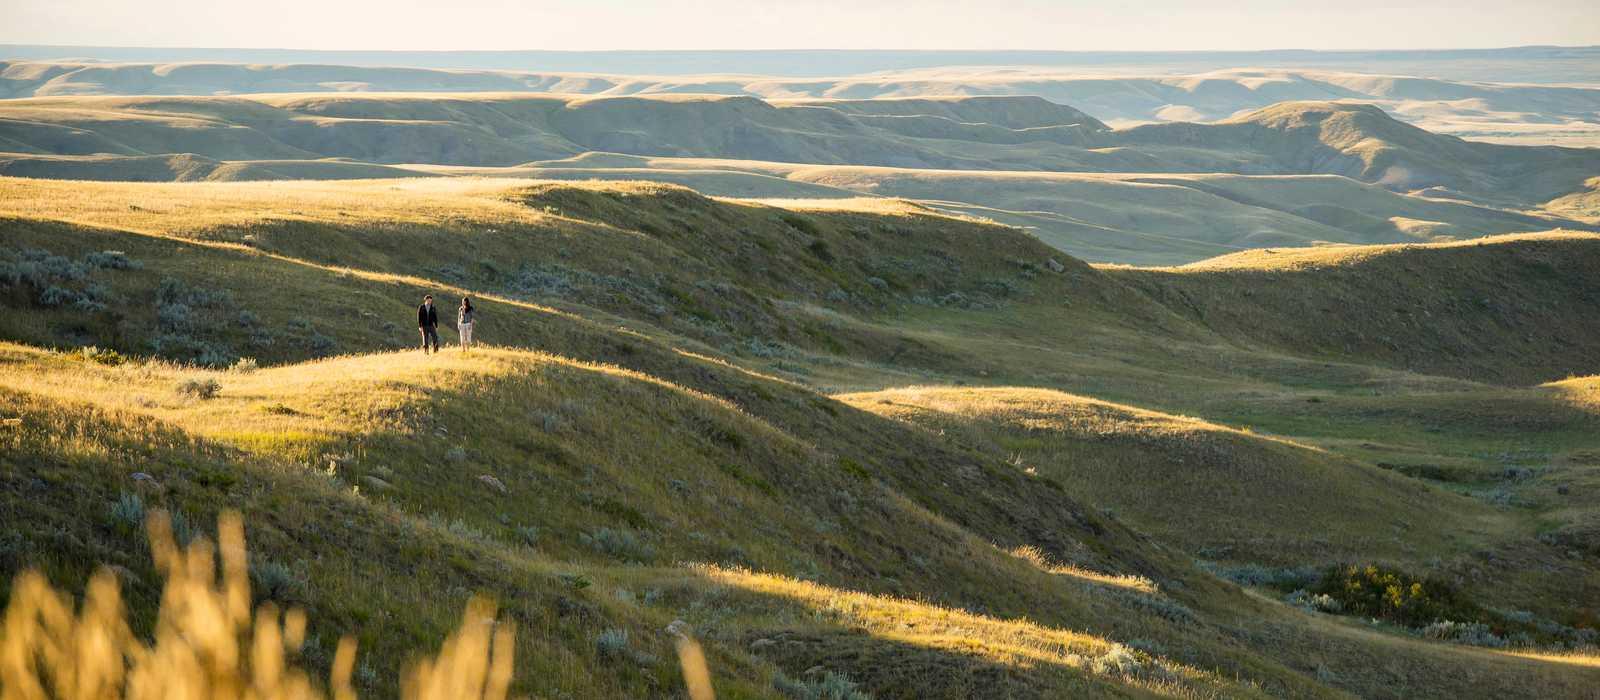 Spaziergang in der Abendsonne im Grasslands-Nationalpark in Saskatchewan